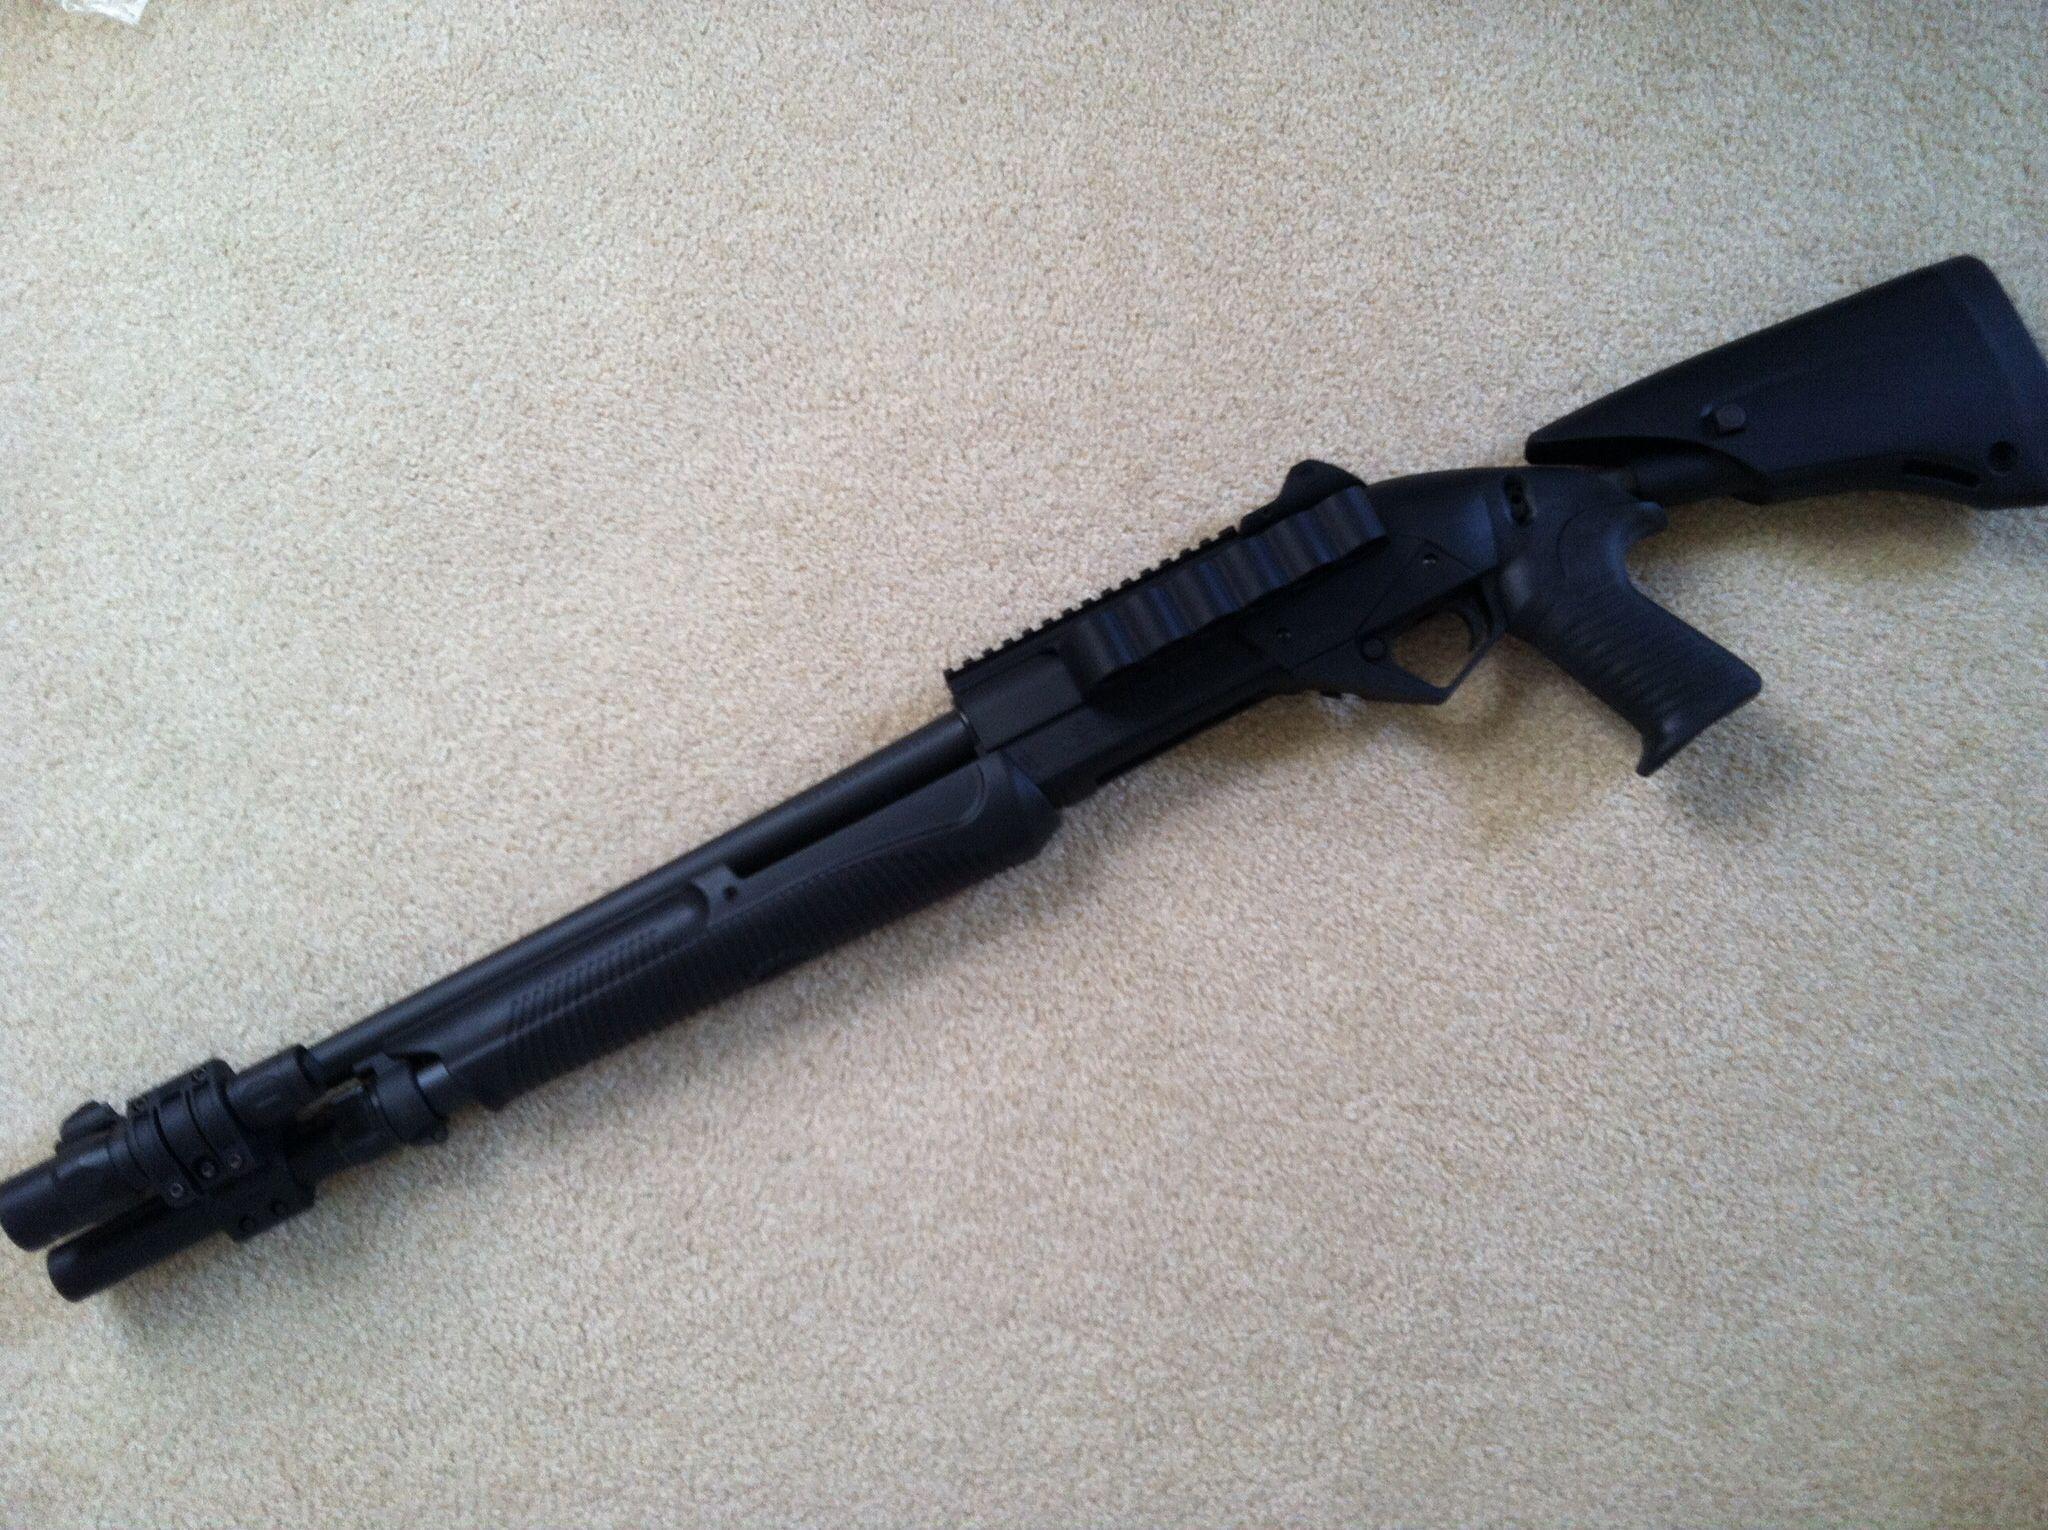 benelli supernova tactical shotgun 185quot barrel 12gauge